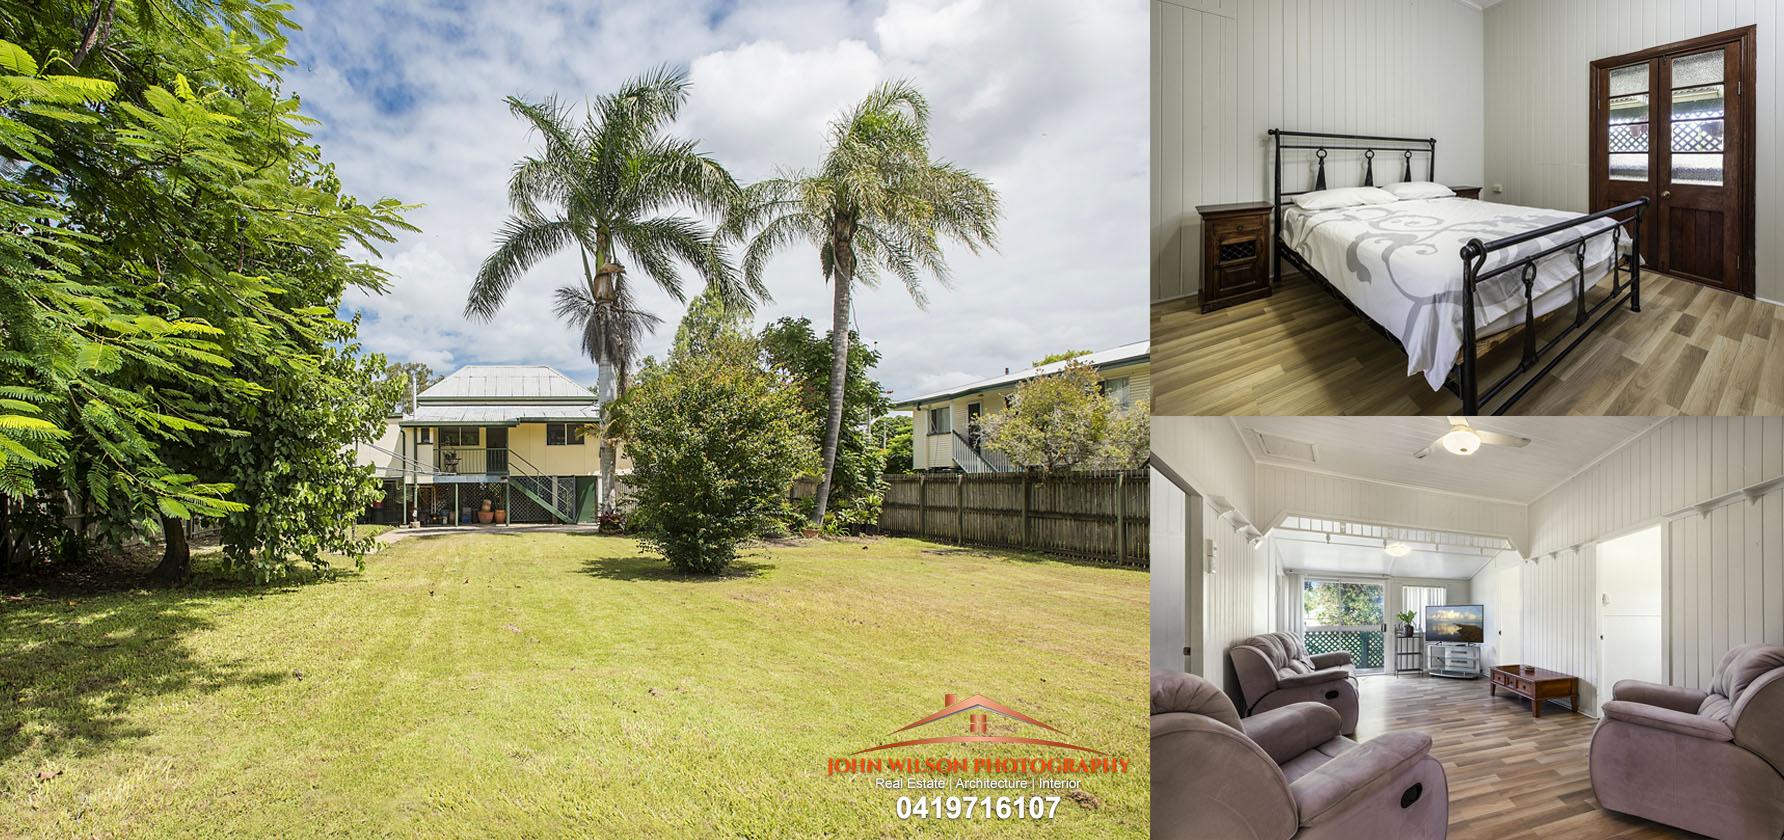 4 Puller St, Granville, 4650 For Sale - Queenslander Style Family Home